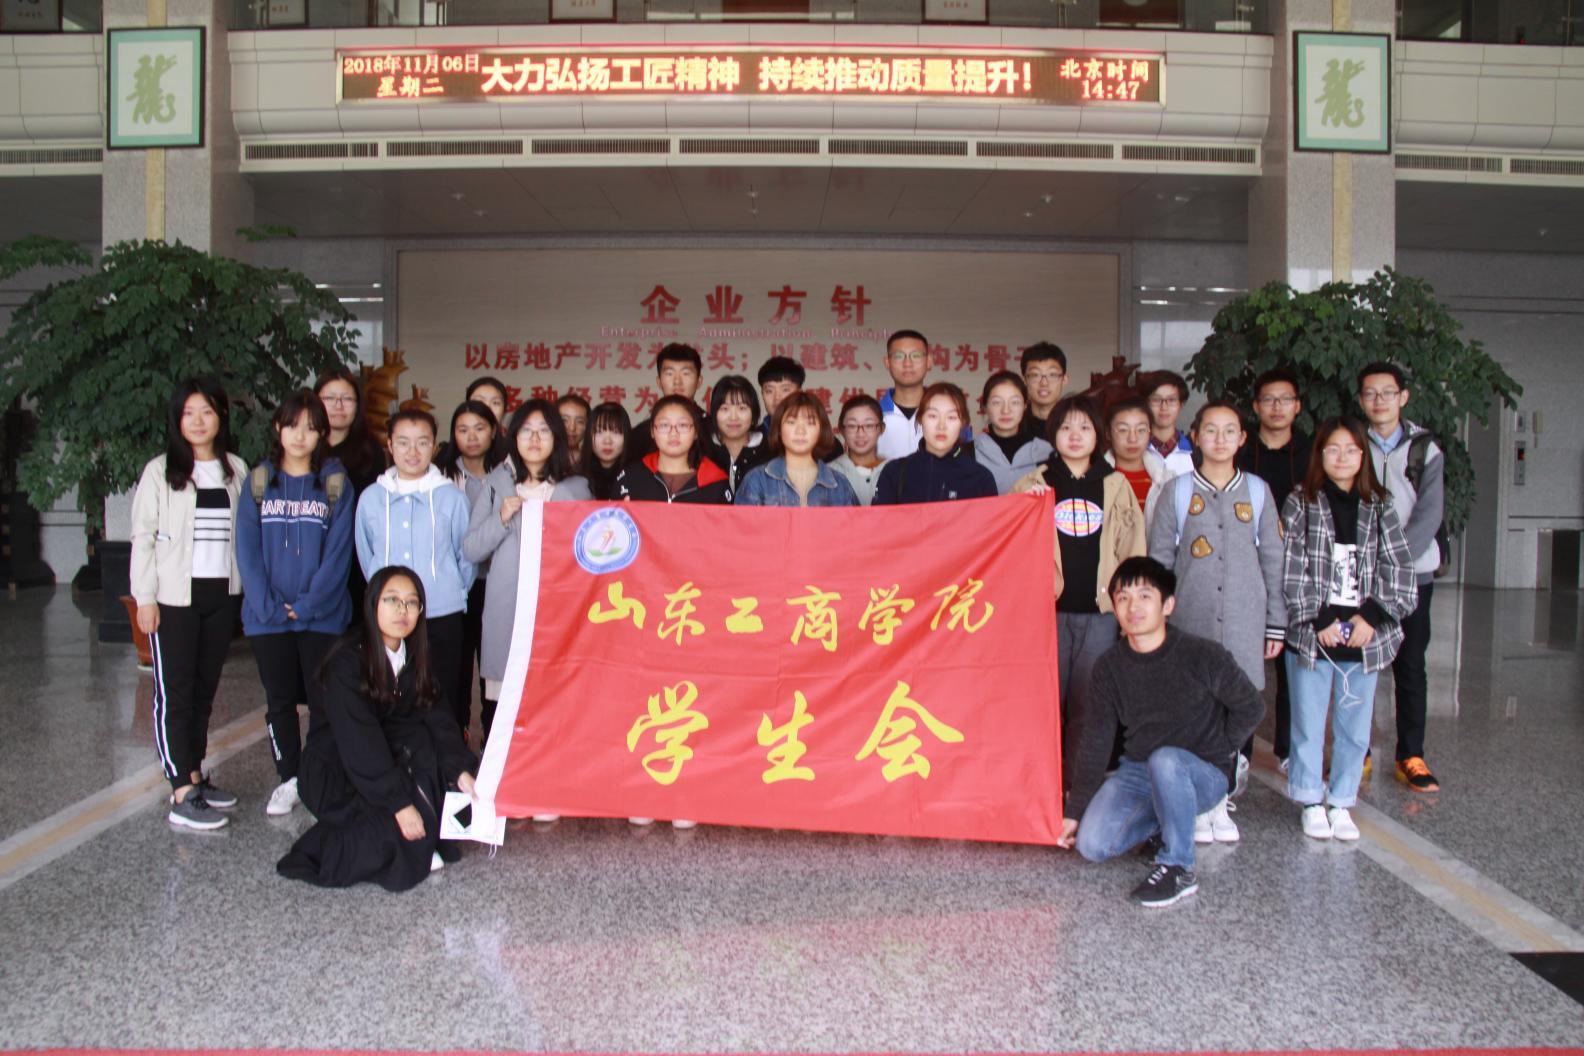 2018年11月工商学院师生莅临学习参观